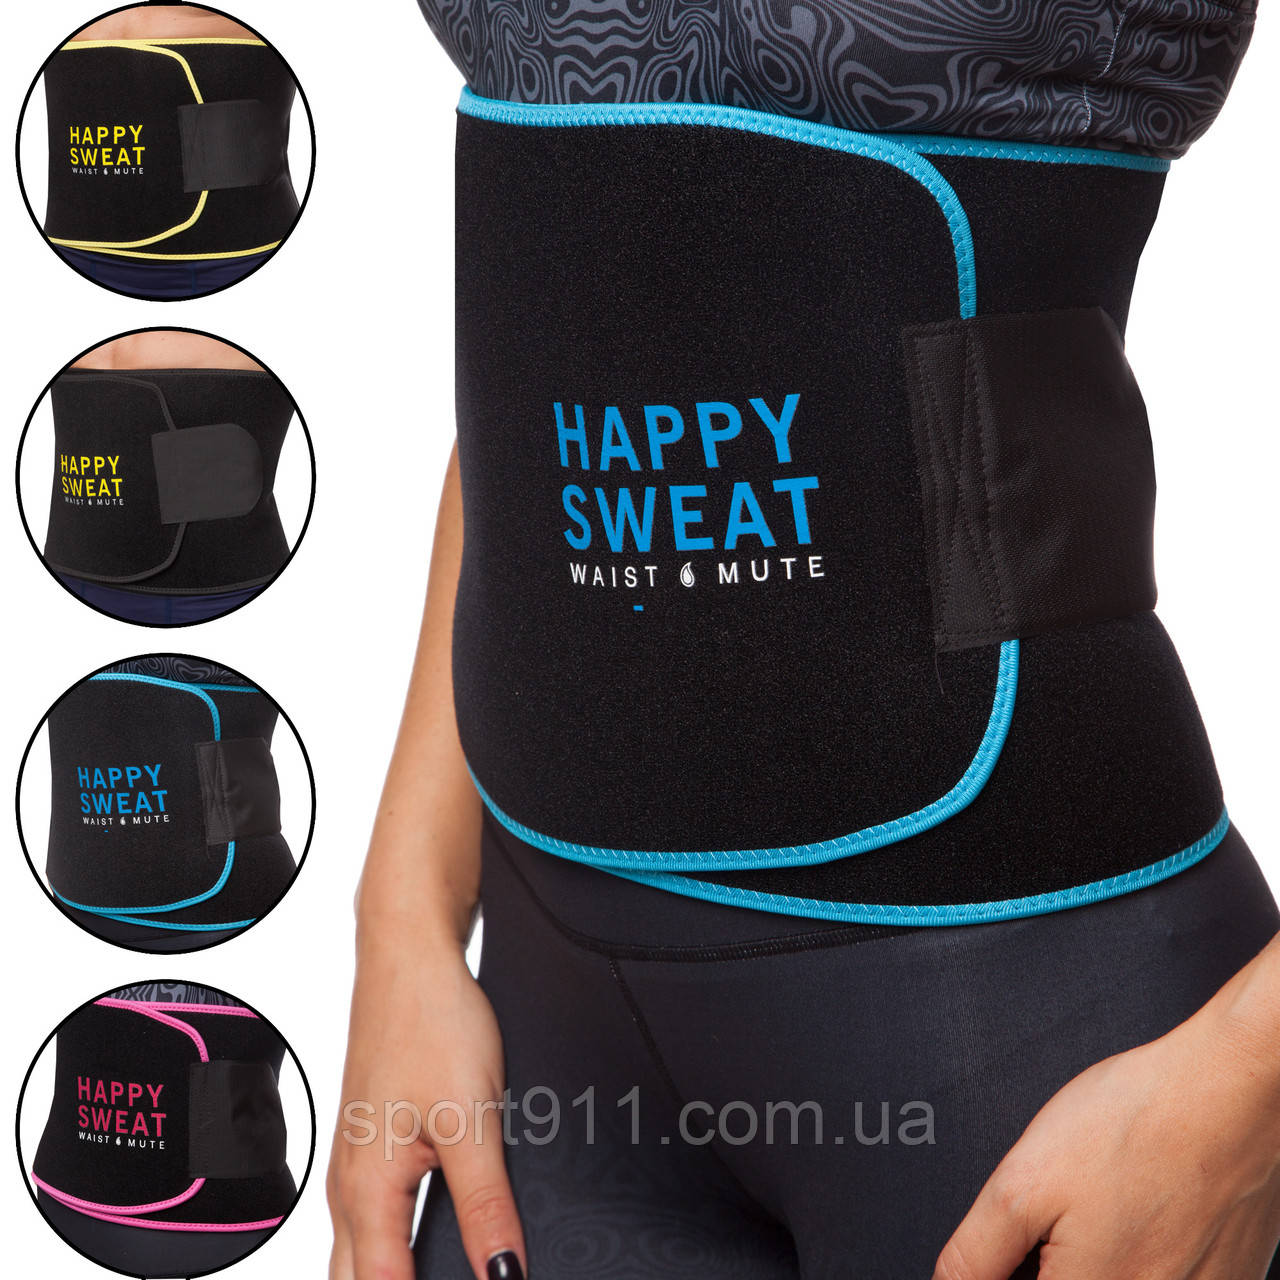 Пояс для похудения из композитной ткани MUTE 9039- S, M, L